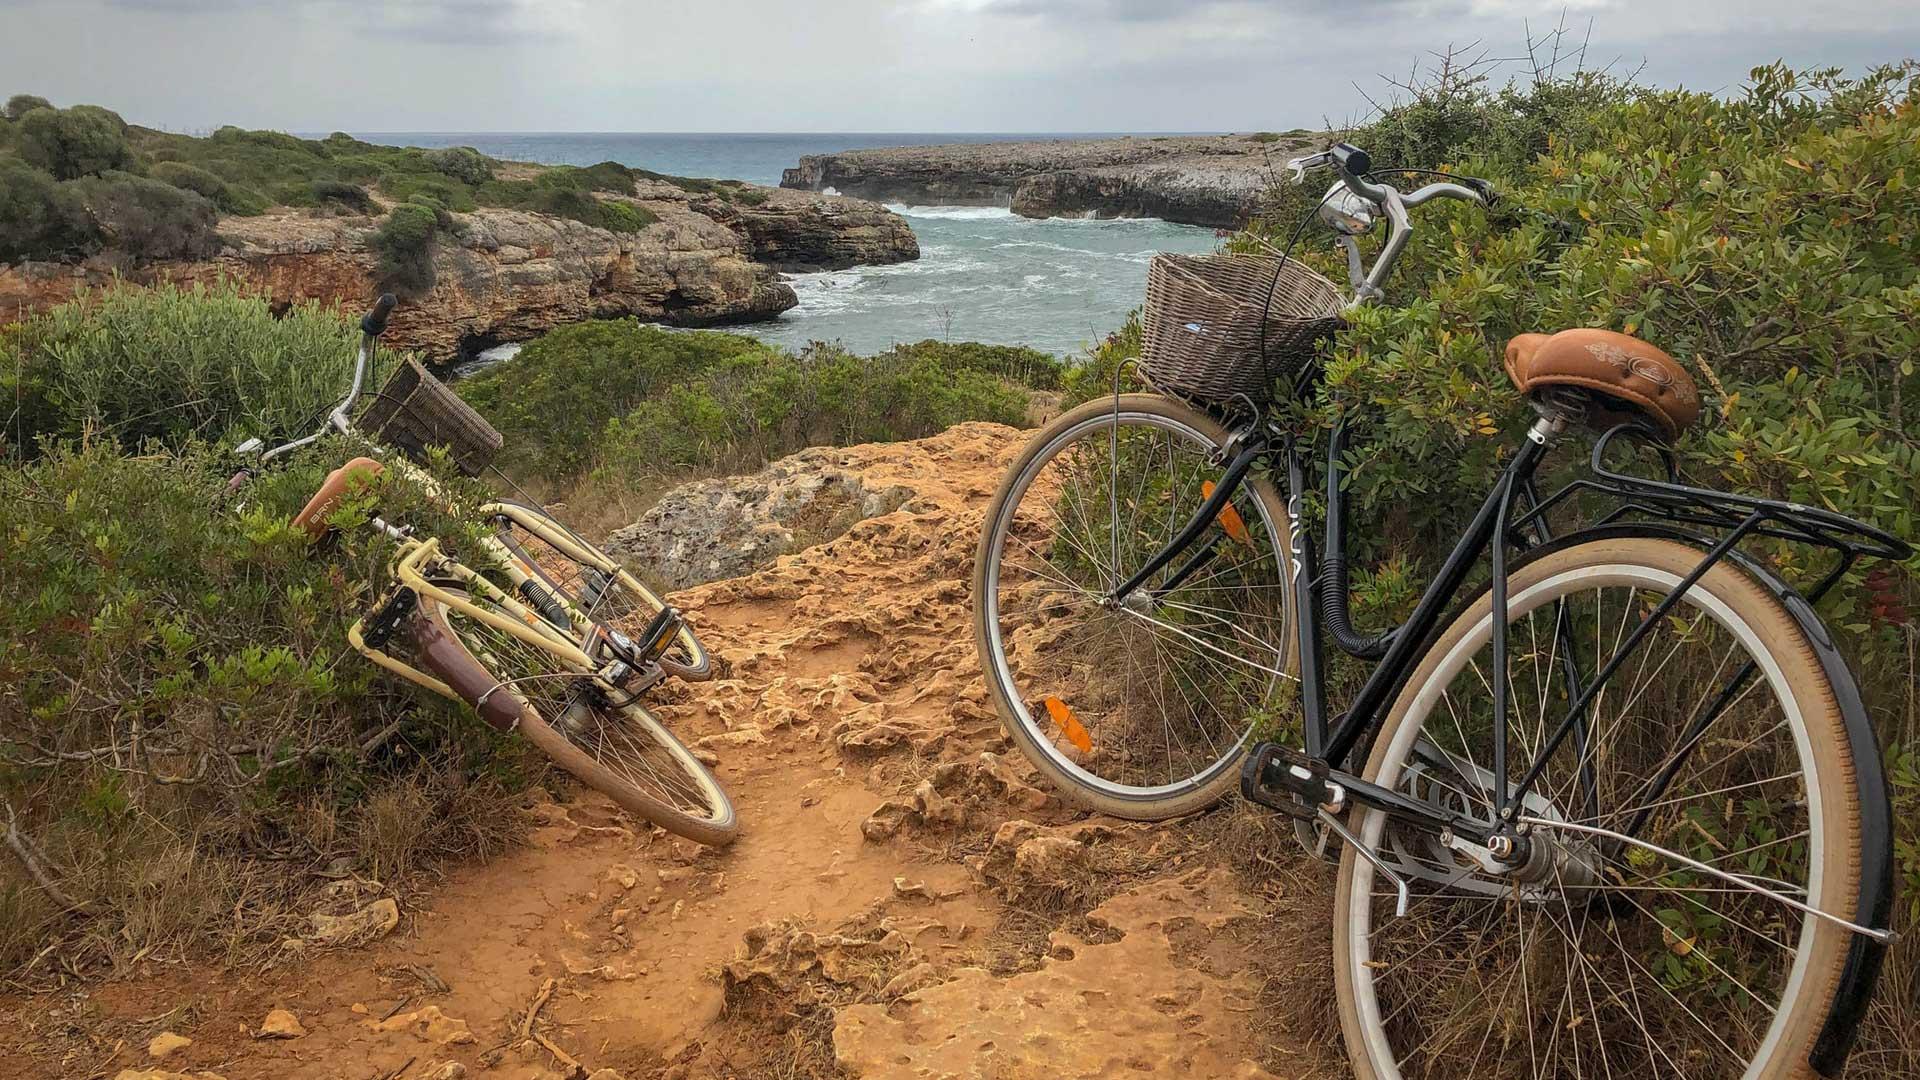 bicicletas num trilho junto ao mar